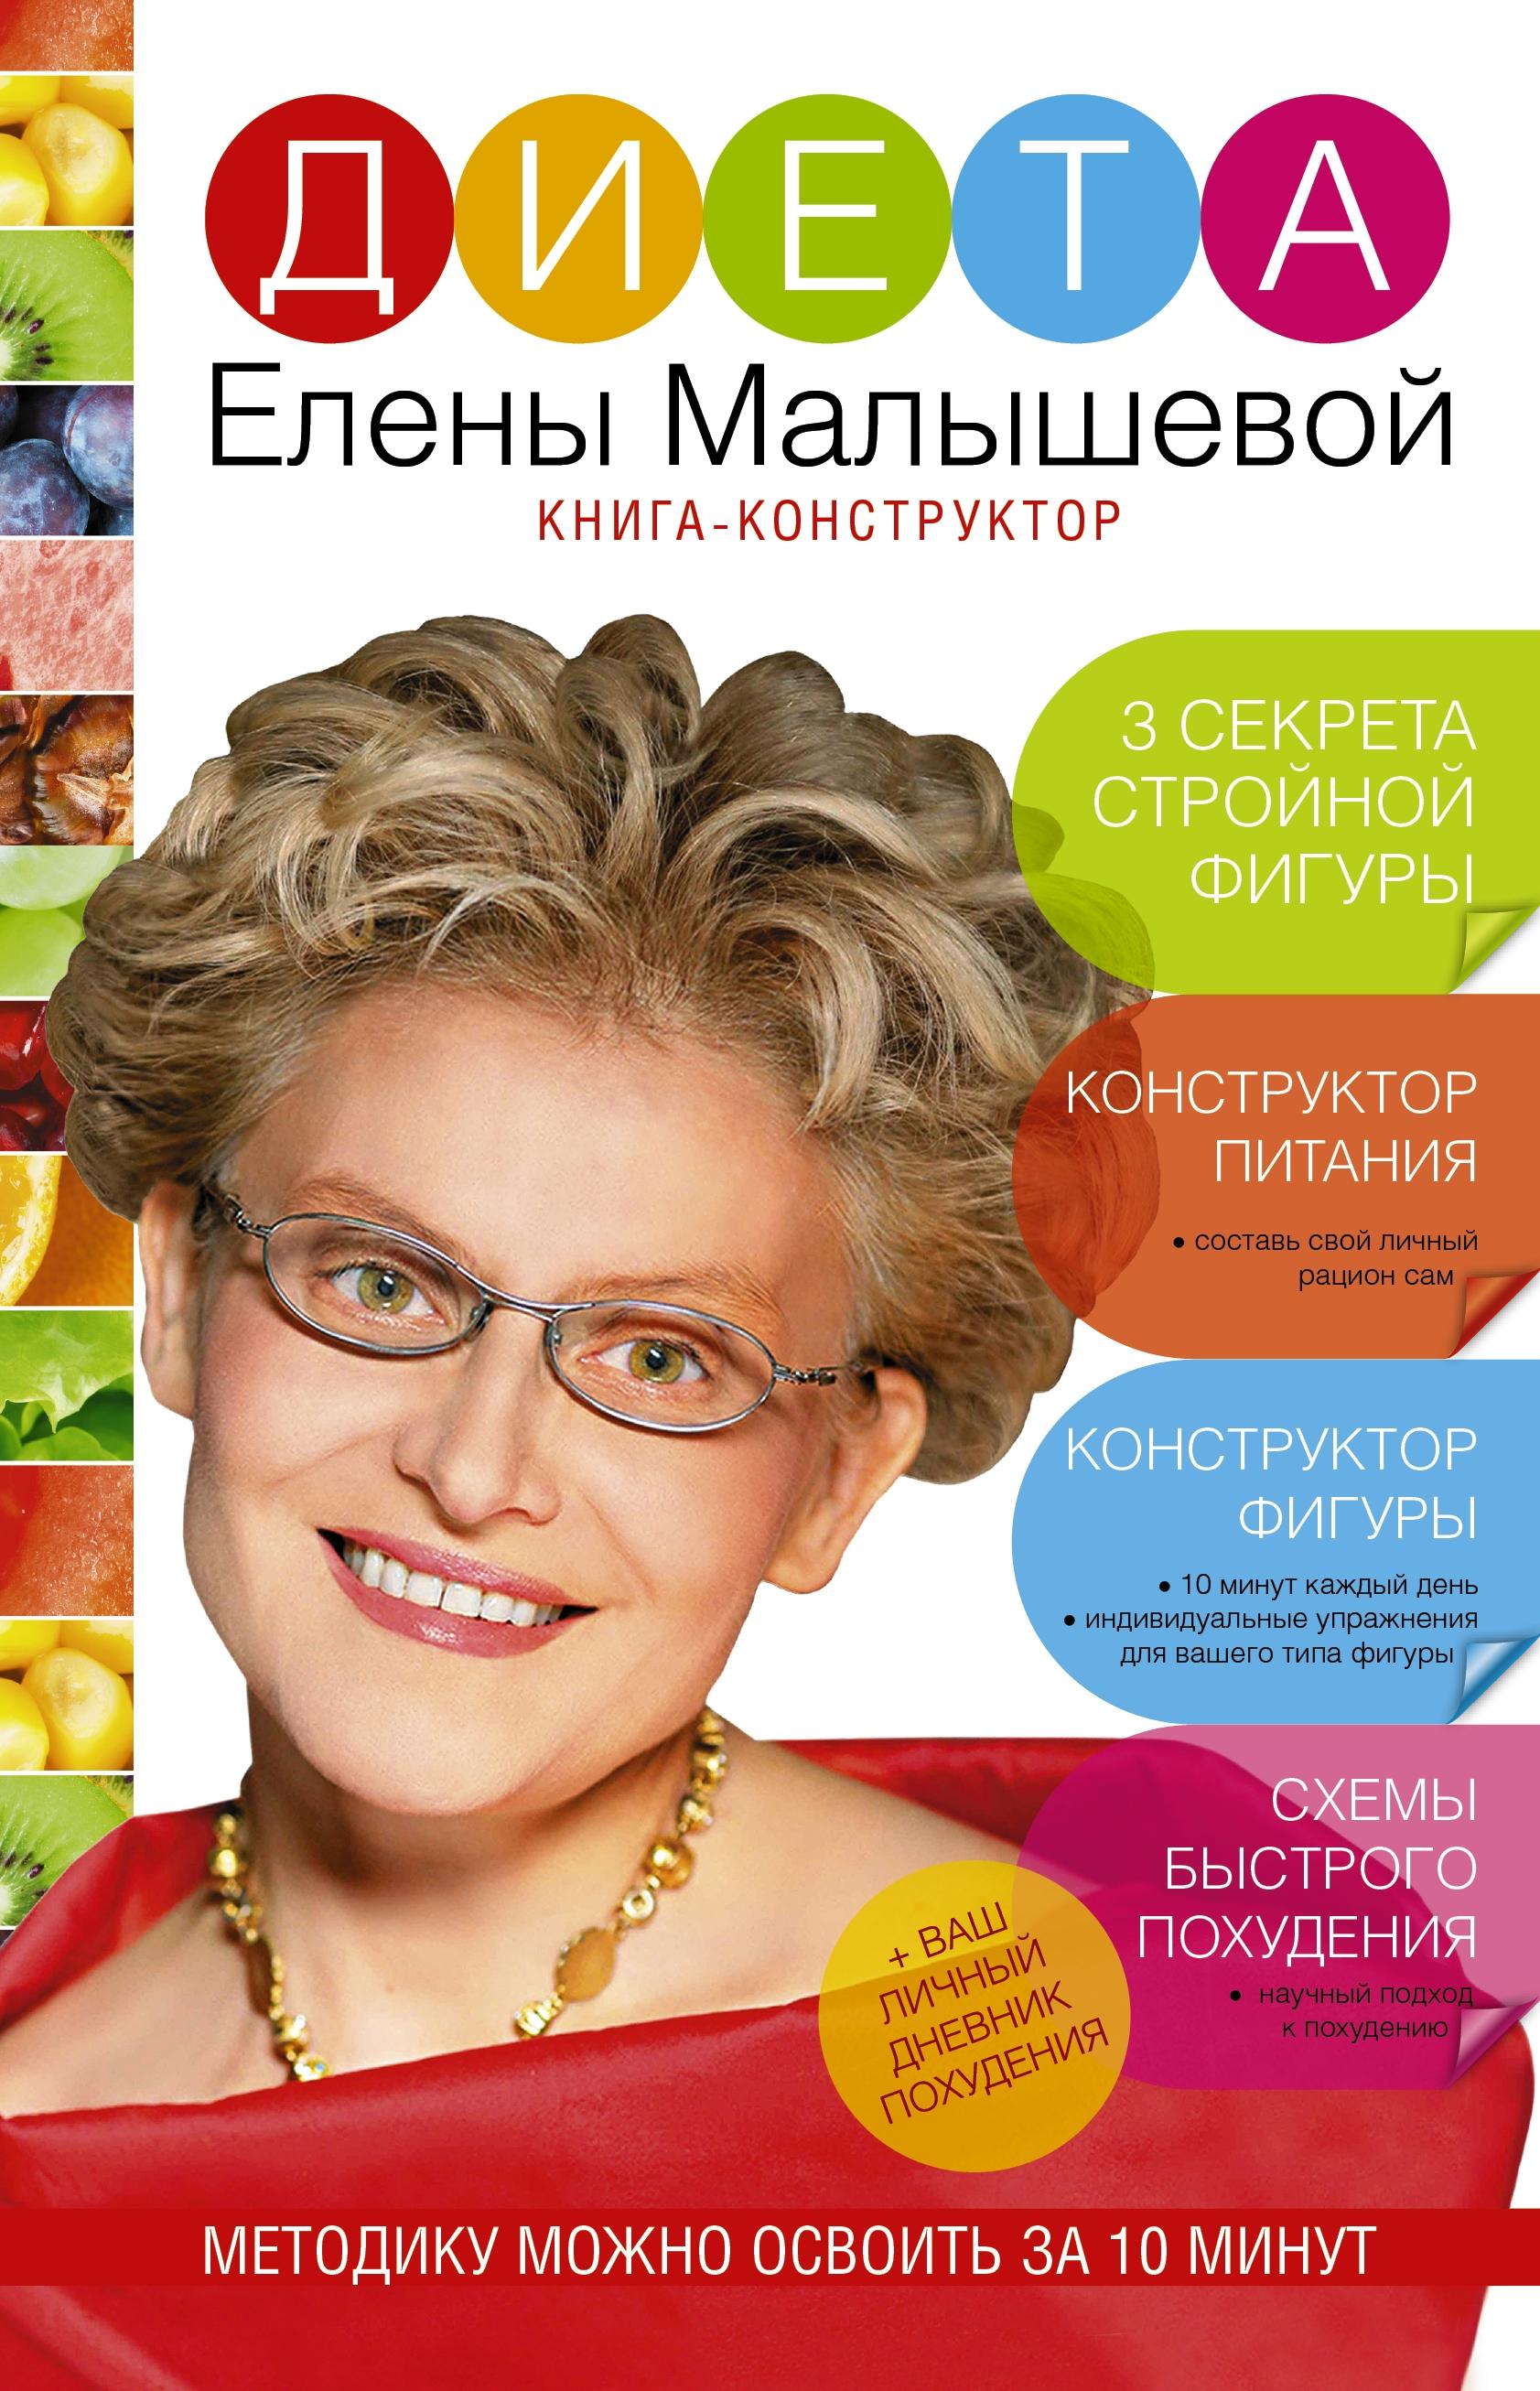 Книга конструктор малышевой для похудения